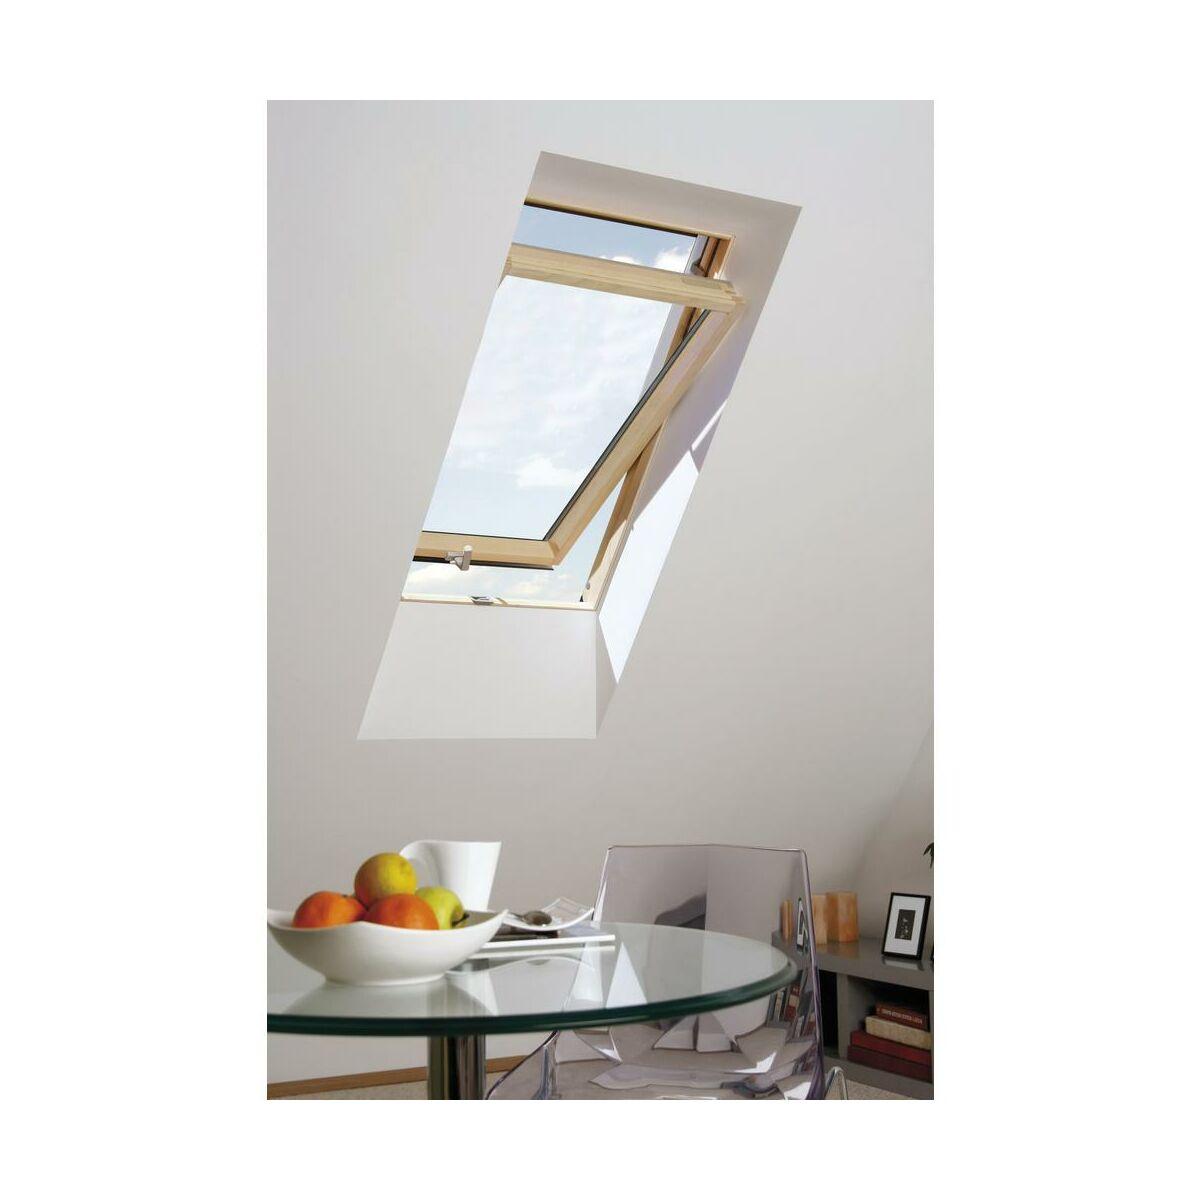 Okno Dachowe 2 Szybowe 78 X 118 Cm Erw Okna Dachowe W Atrakcyjnej Cenie W Sklepach Leroy Merlin